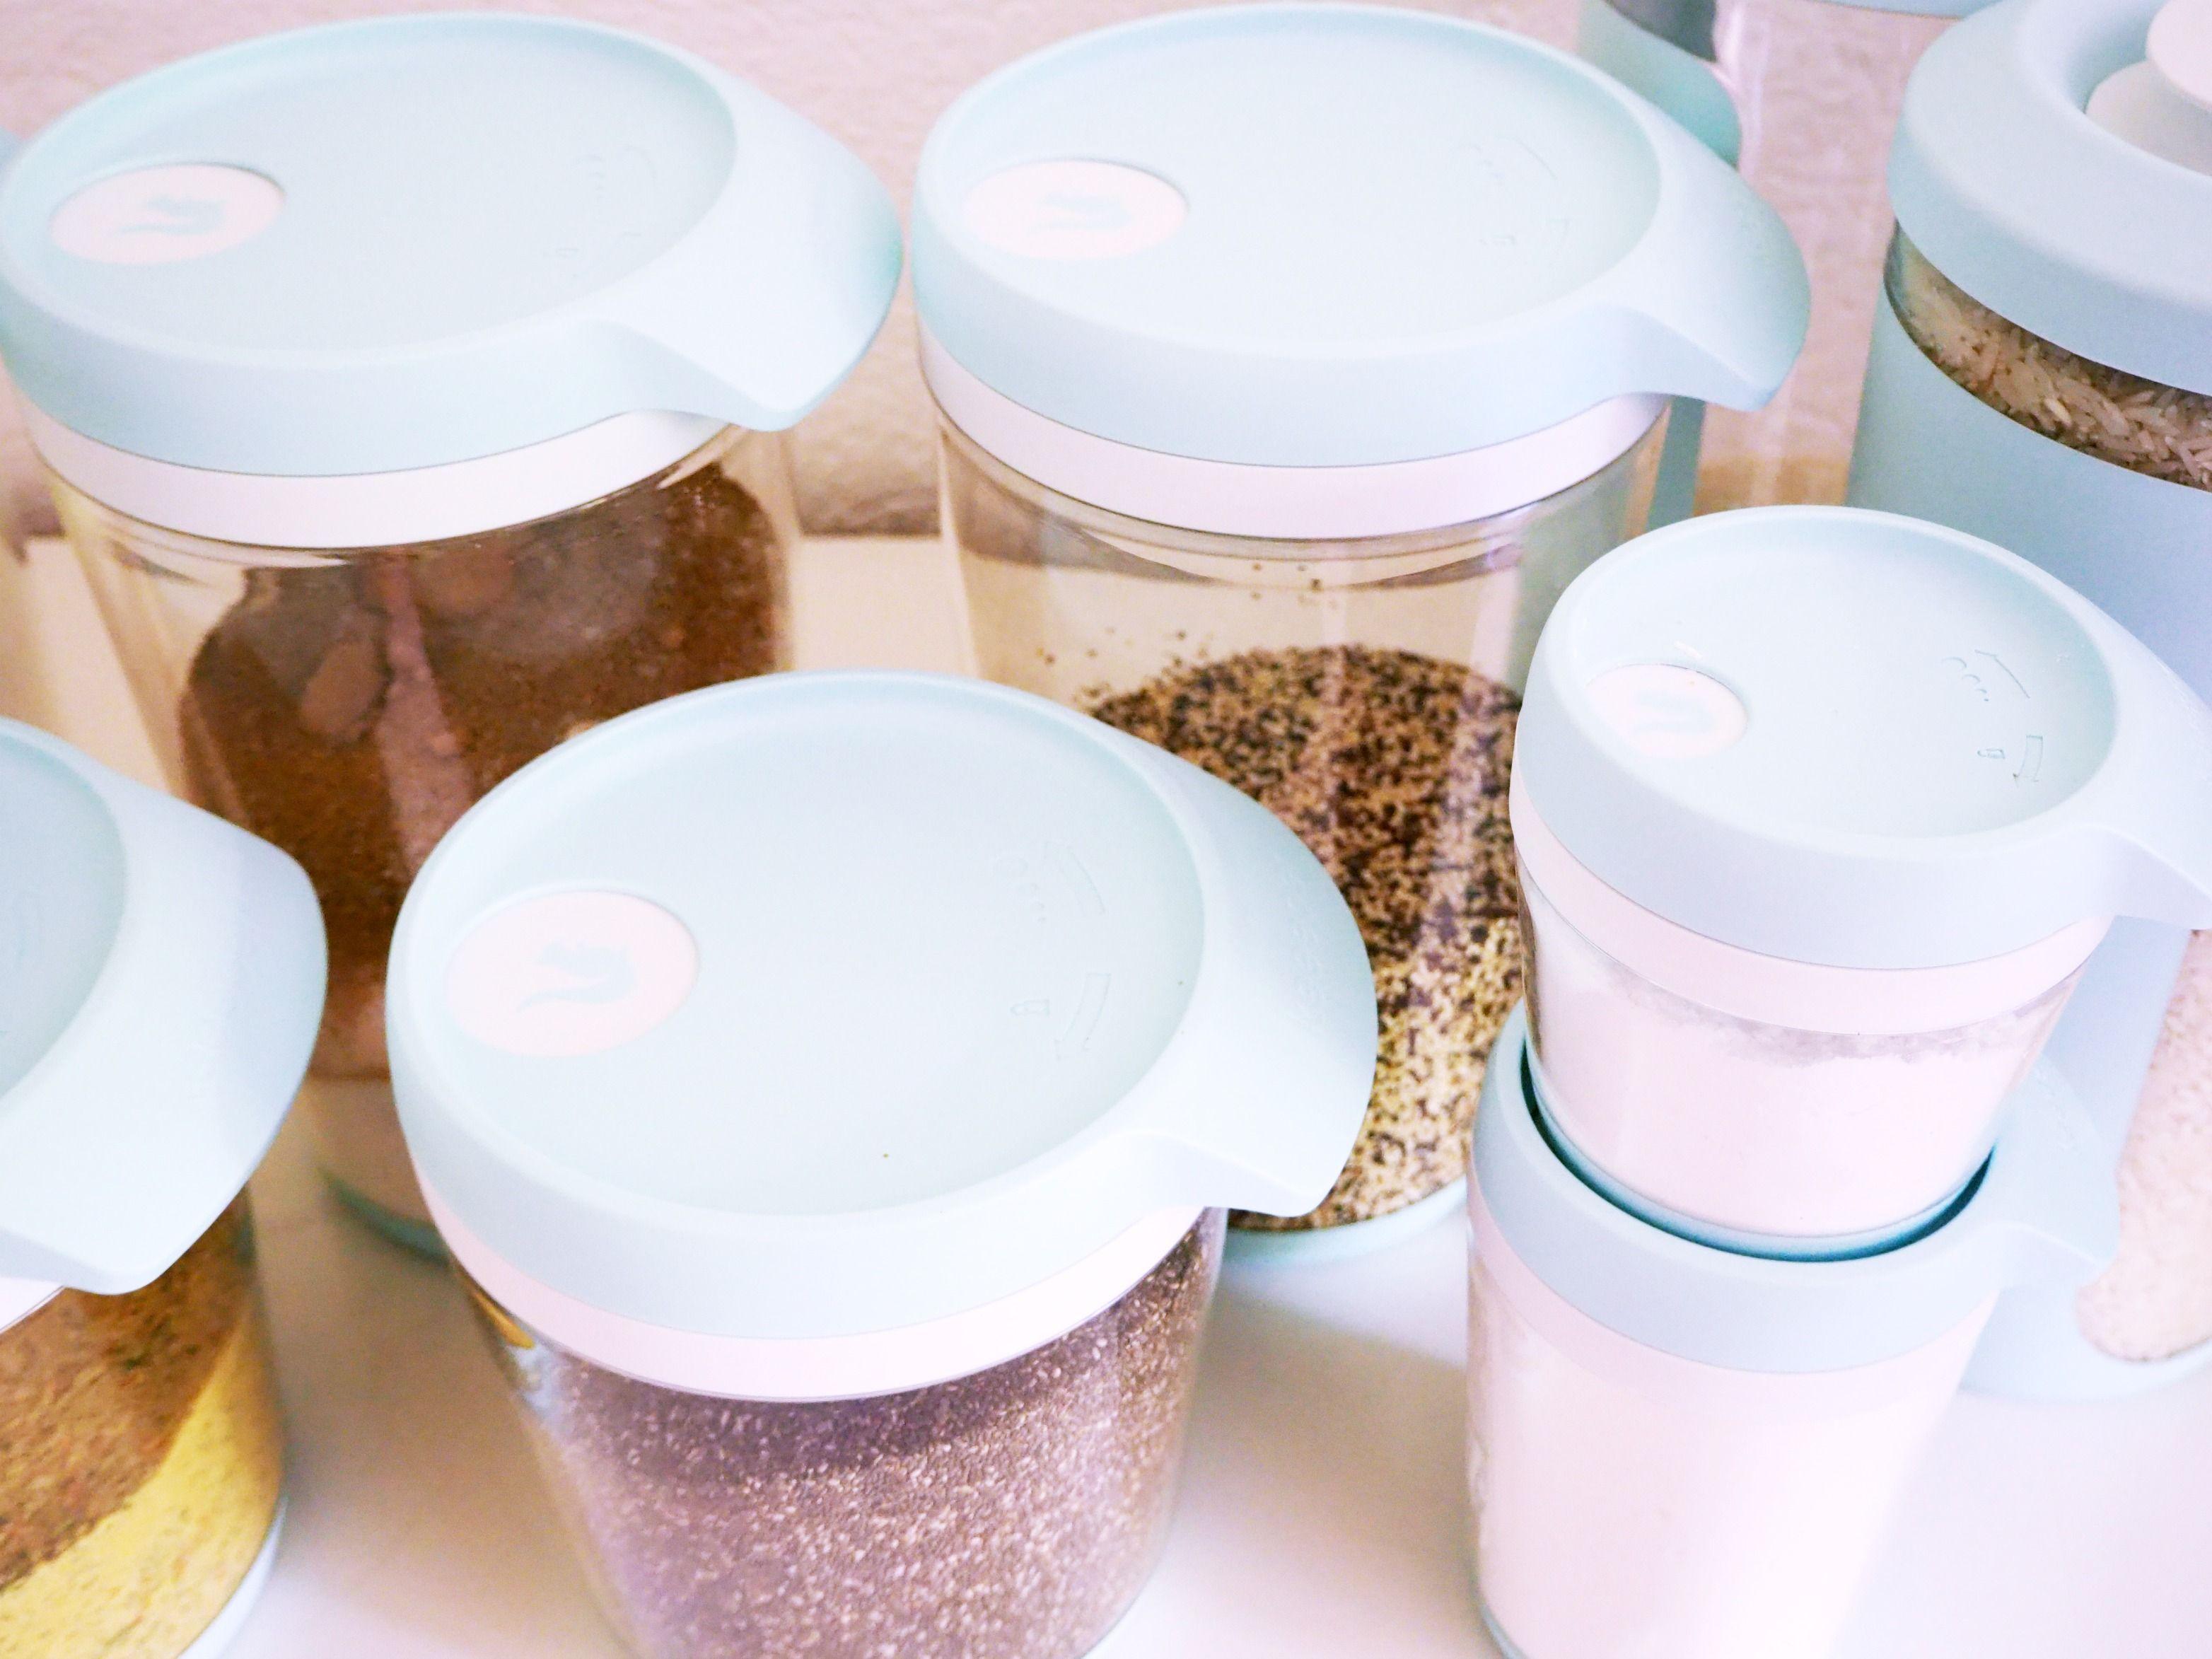 Vorrate Richtig Lagern Weniger Lebensmittel Wegwerfen Mit Bildern Lebensmittel Garten Kuche Life Hacks Haushalt